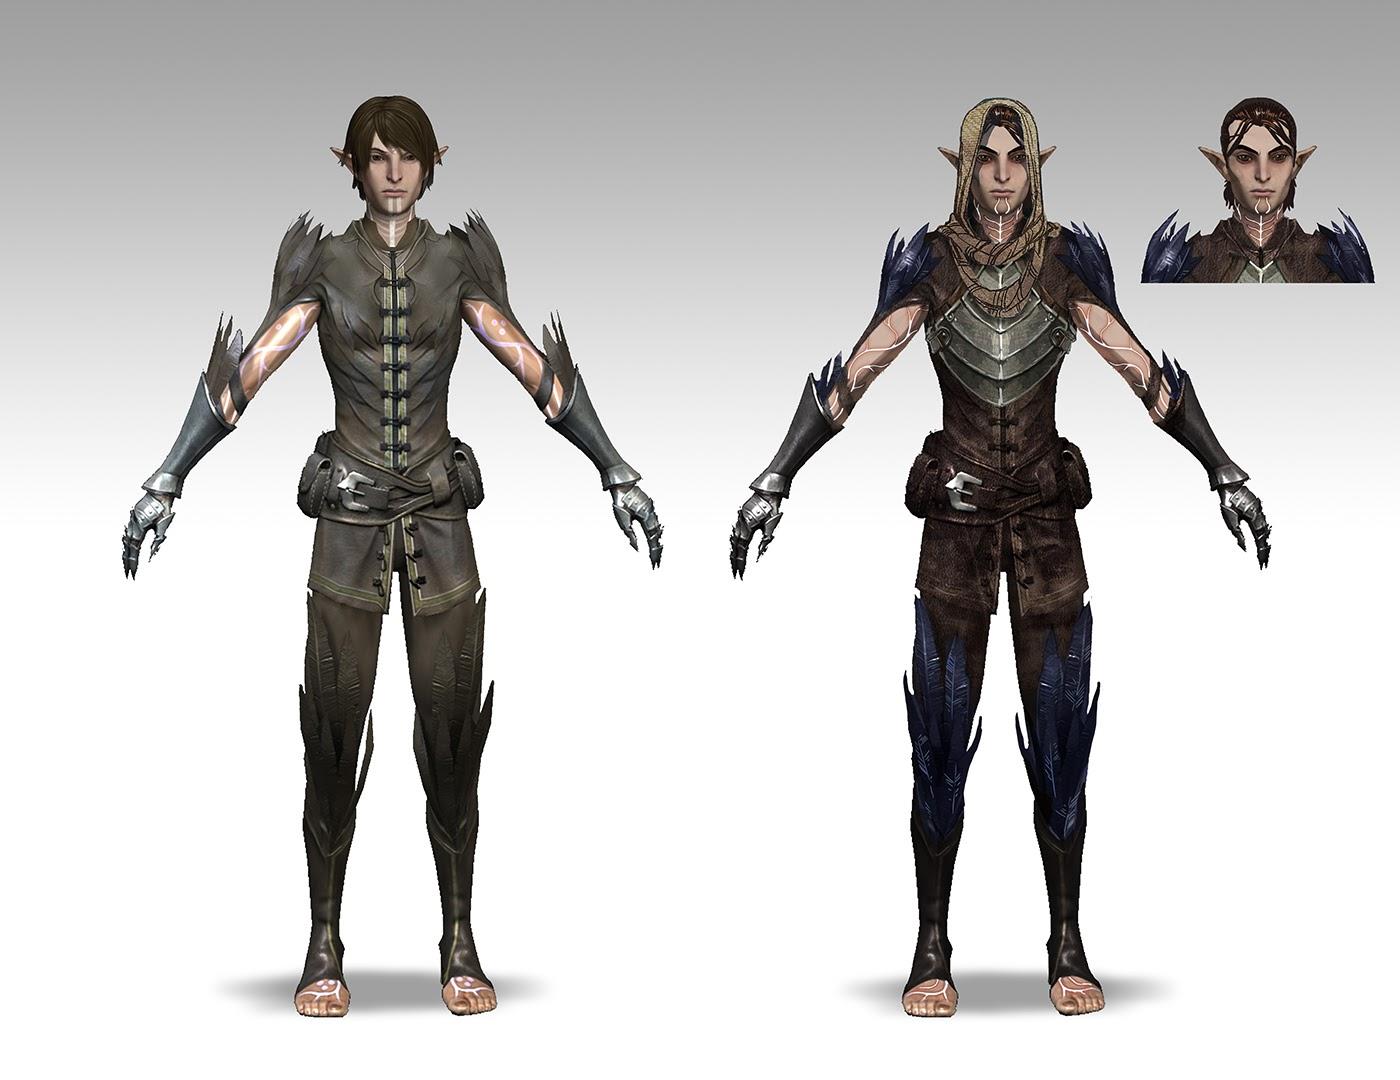 Takhle mohl původně vypadat Mass Effect a Dragon Age 85179